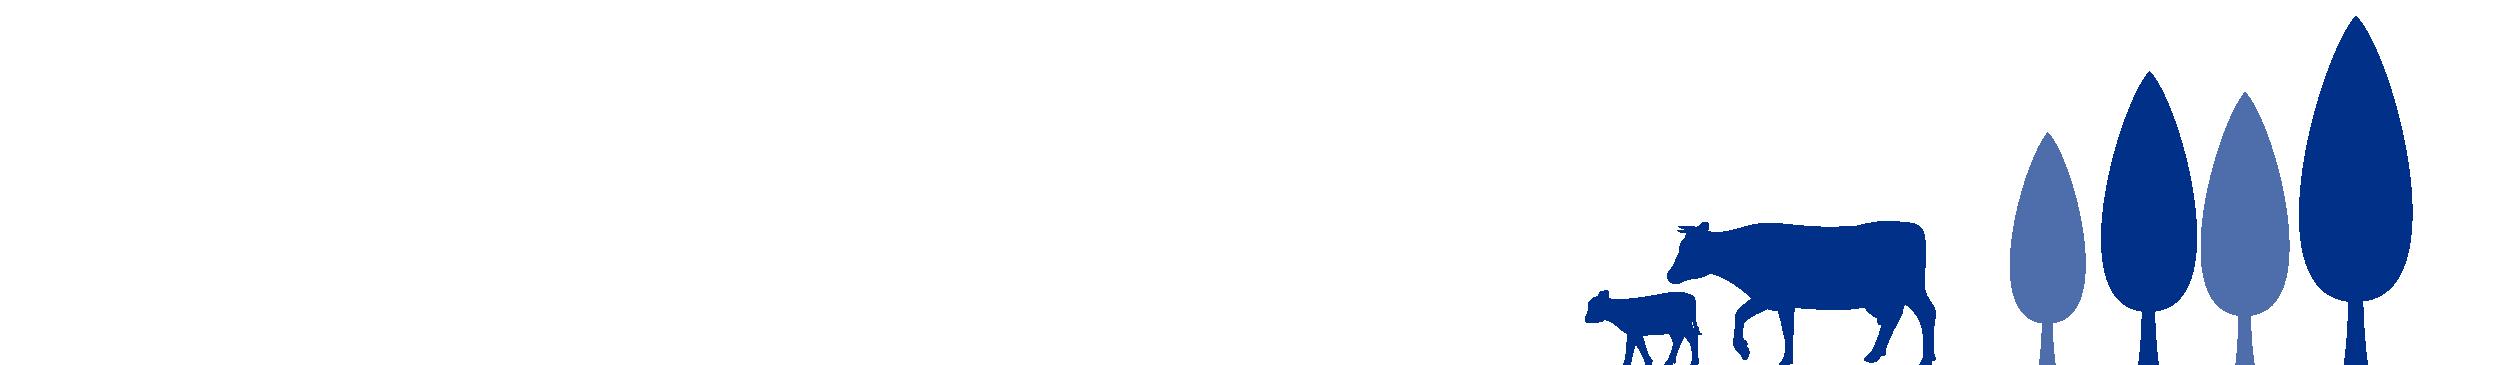 Phibro-Illustraties-Koeien-Nieuwsbrief-2-01